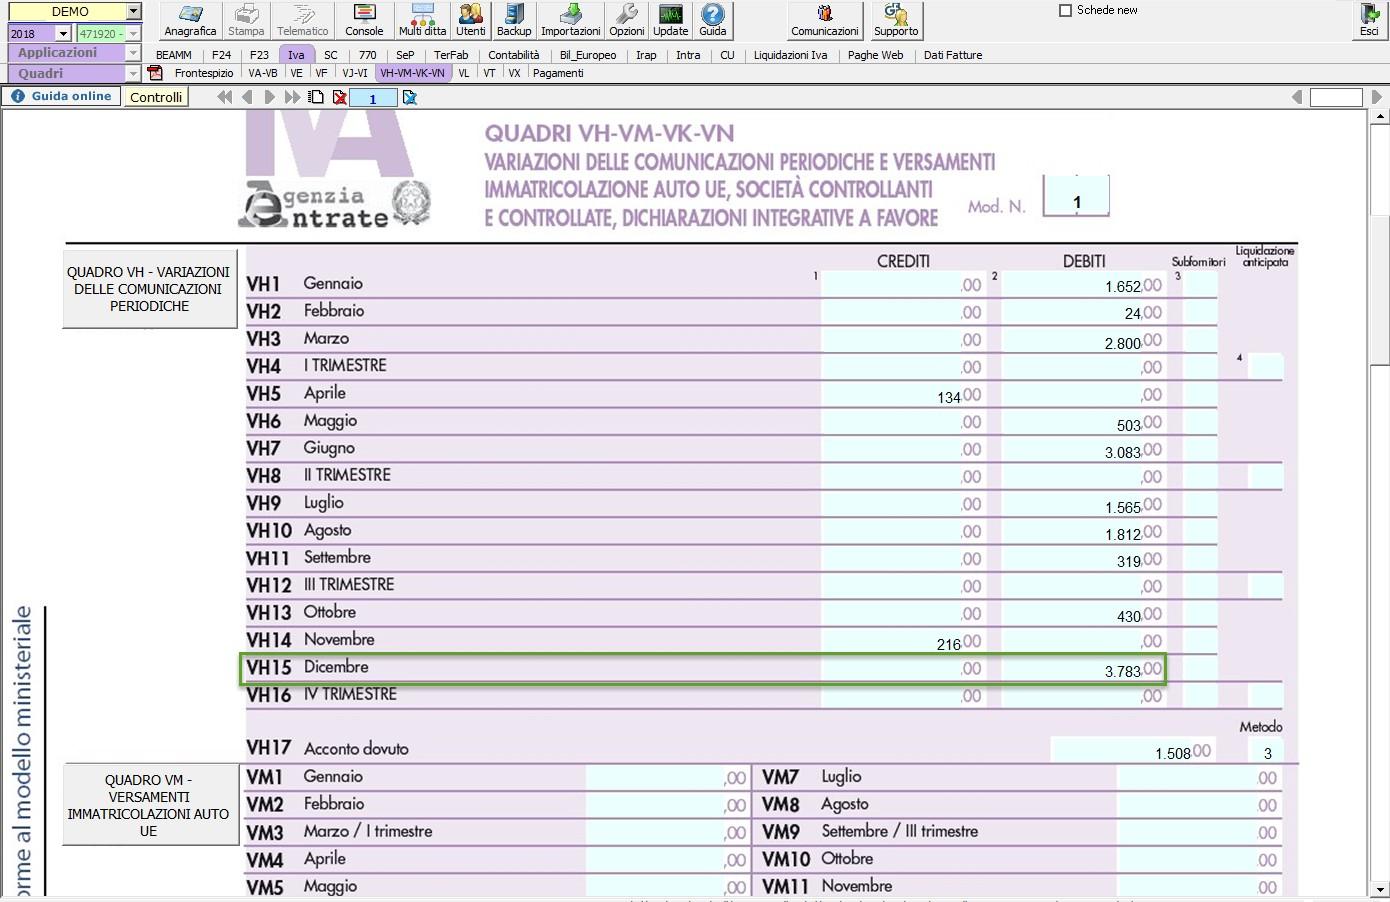 Dichiarazione IVA 2019: casi di compilazione del quadro VH - 4